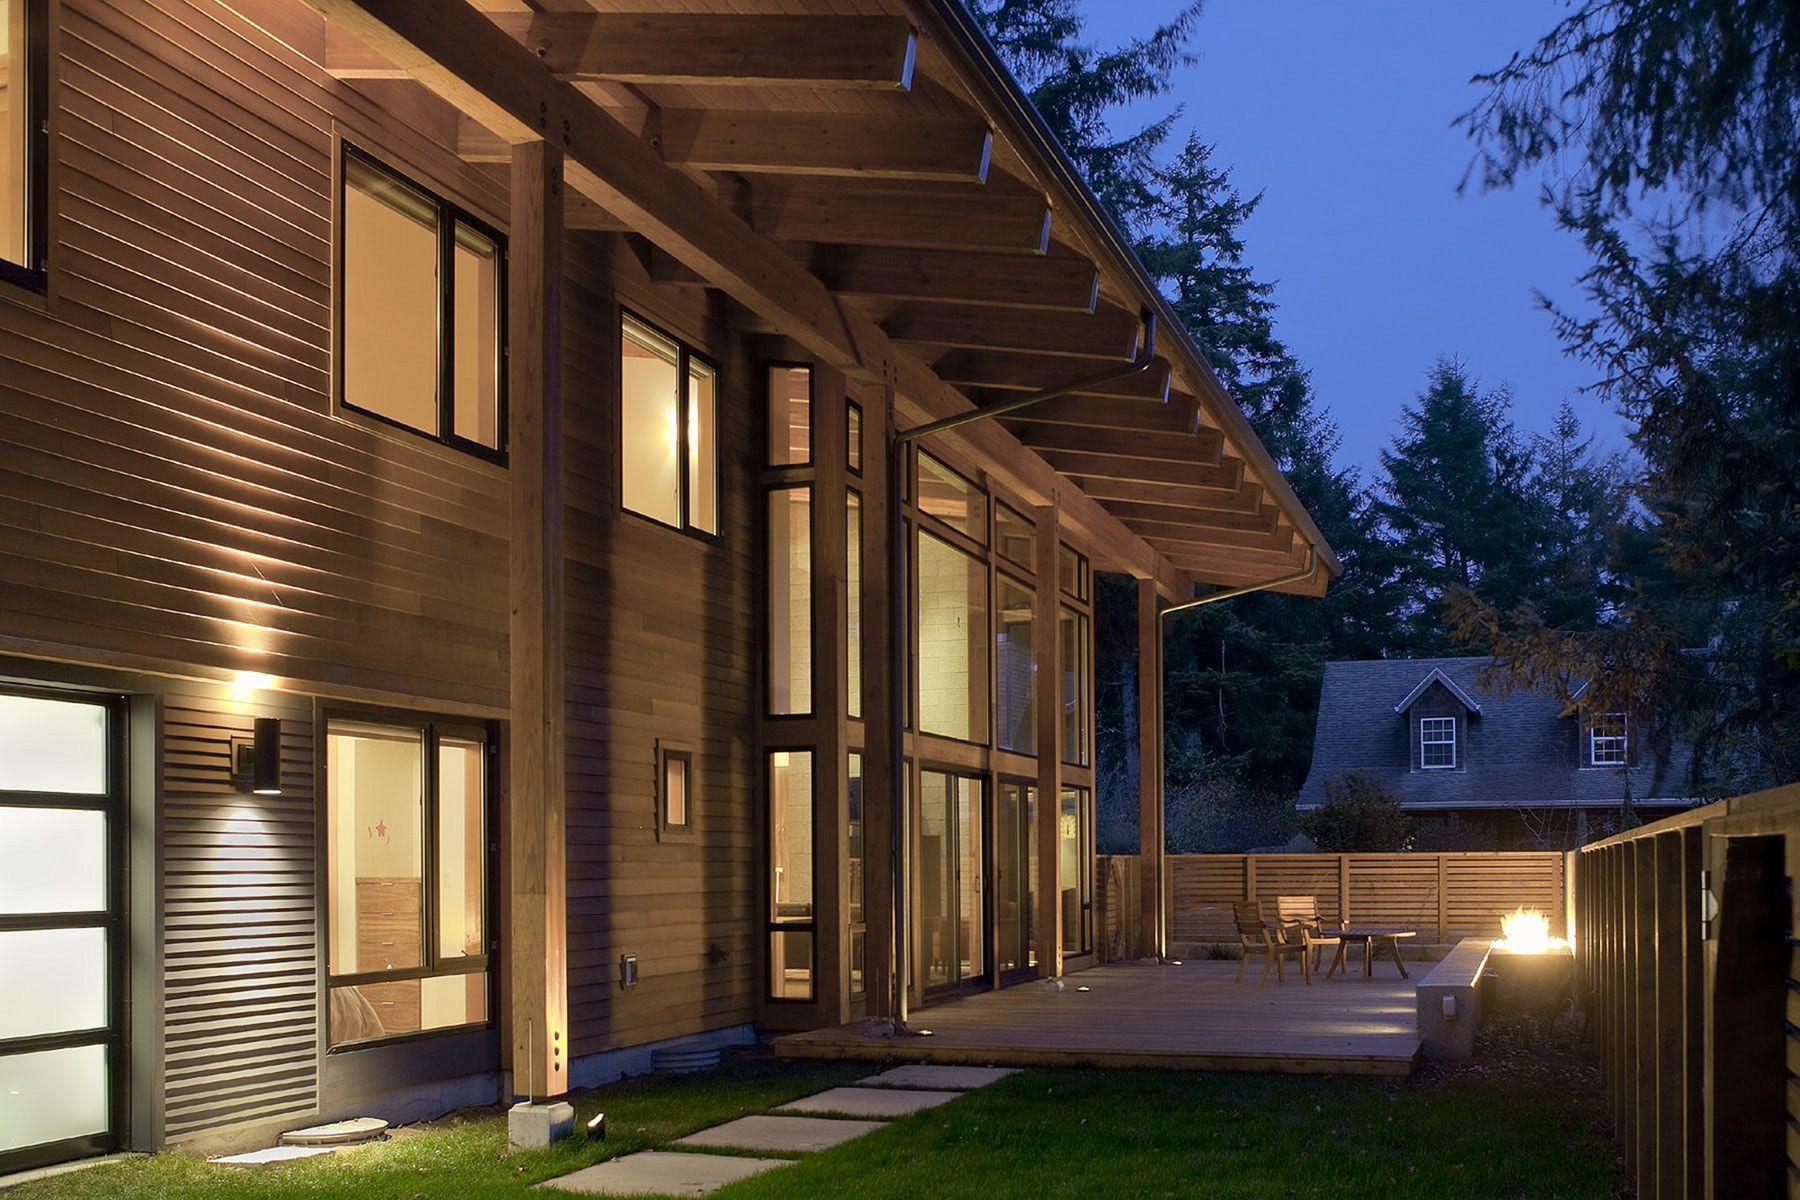 Oregon Wooden Home Design